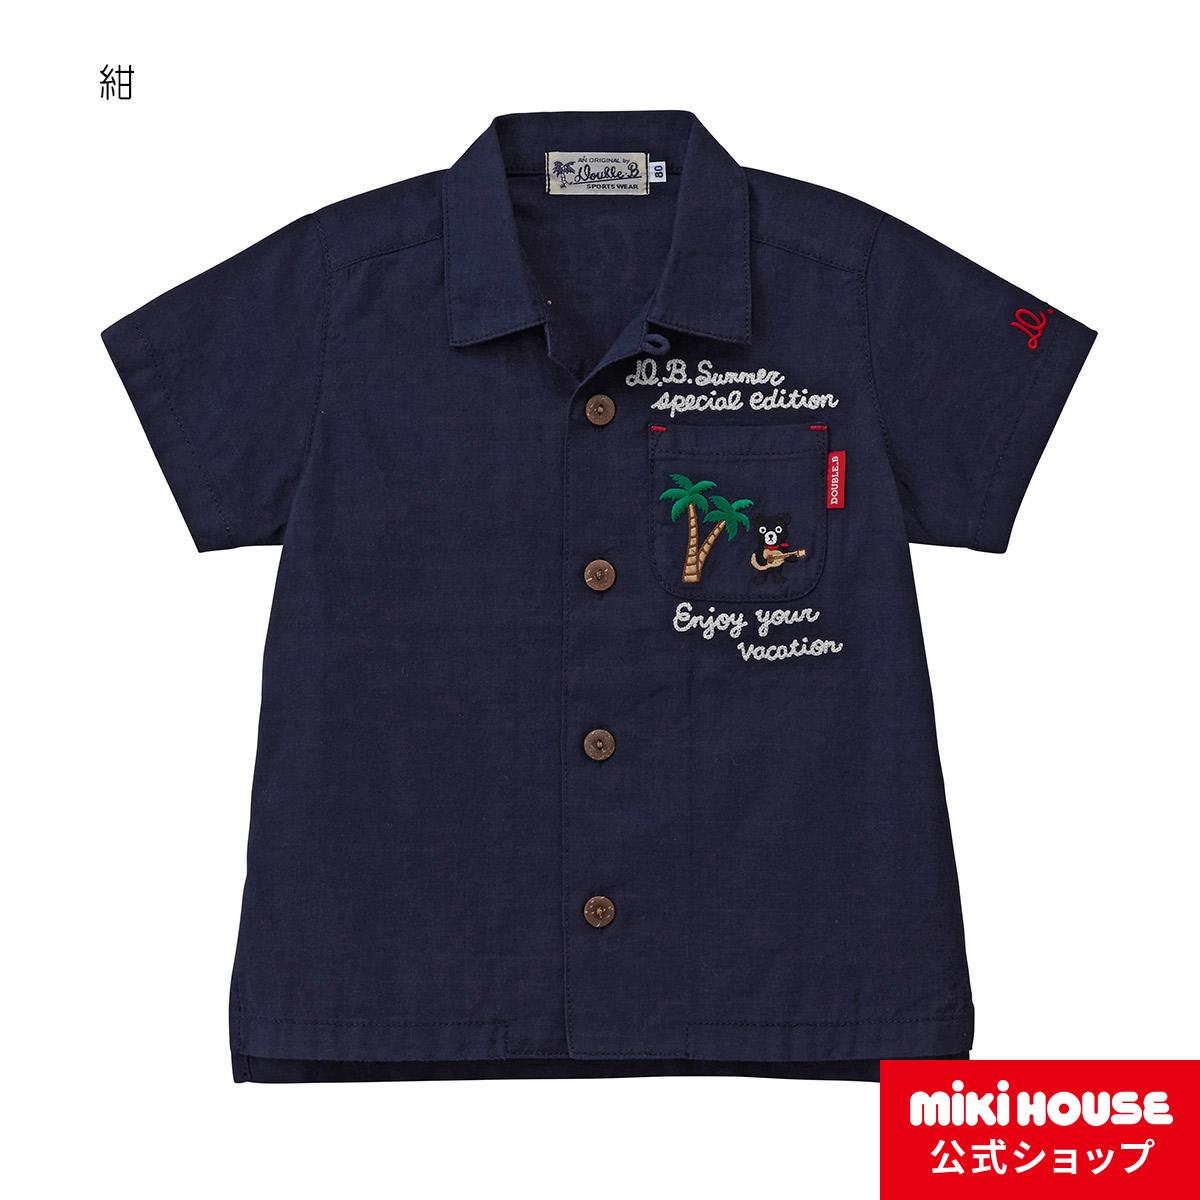 ミキハウス ダブルビー mikihouse シャツ(80cm・90cm・100cm)